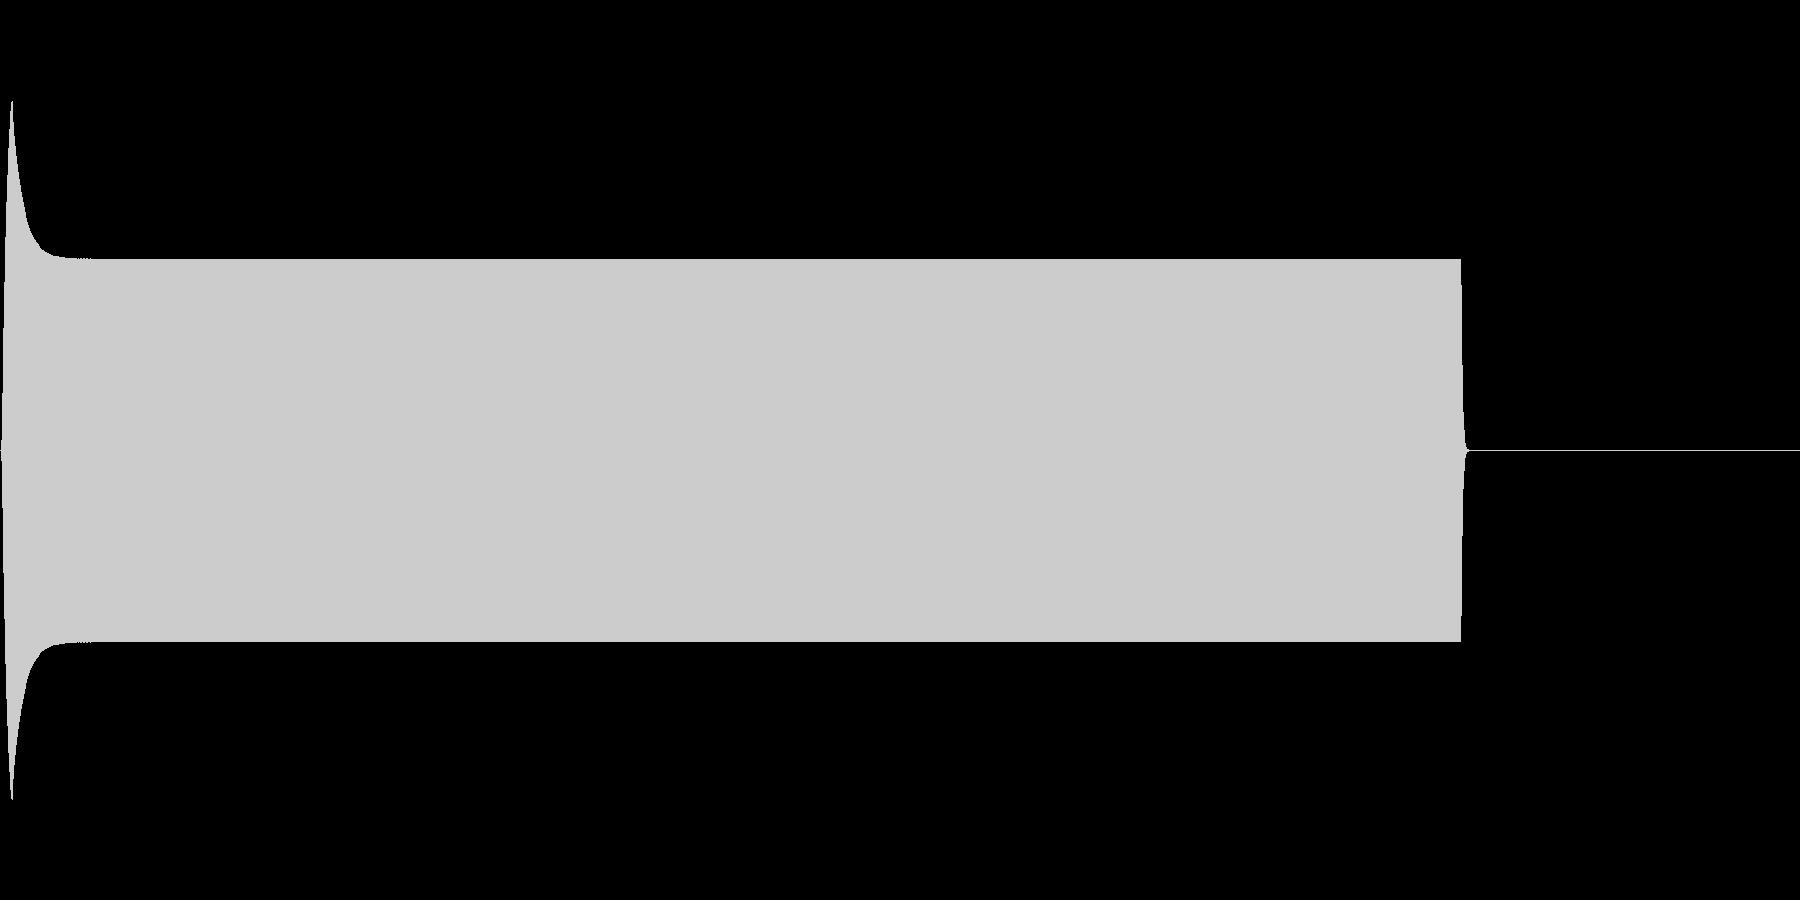 ピー音(自主規制音)の未再生の波形